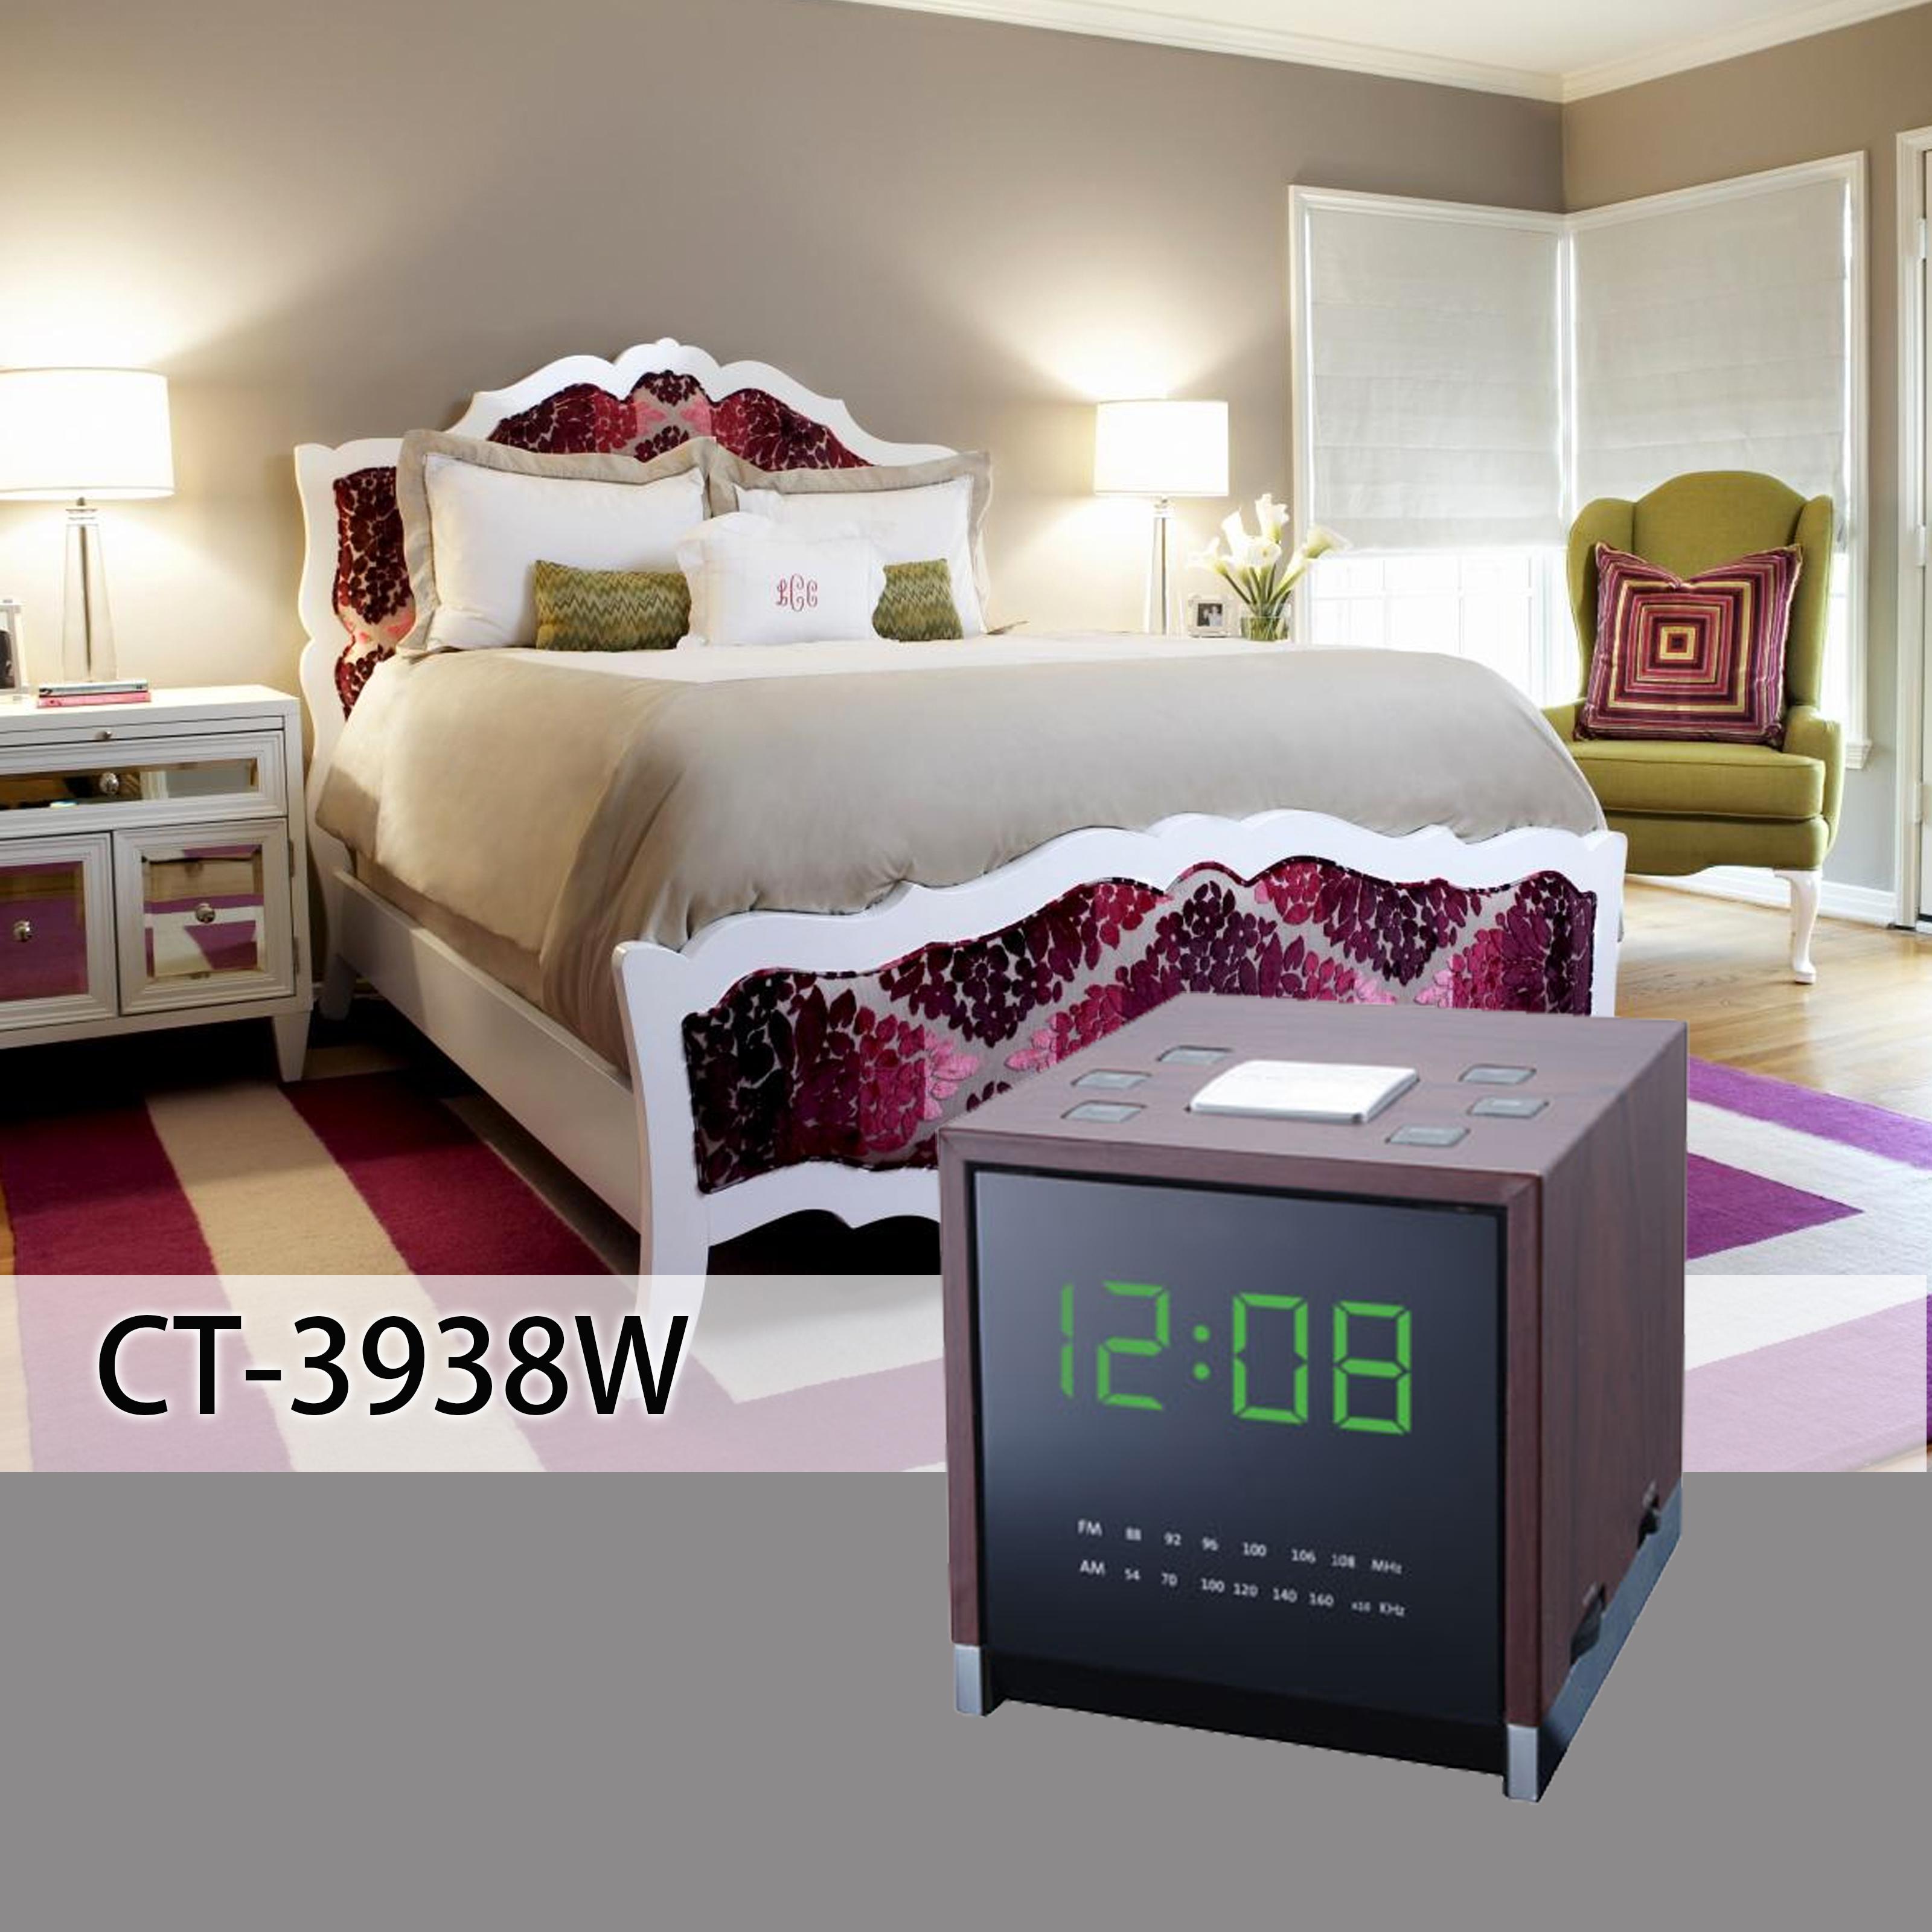 CT-3938W bedroom.jpg